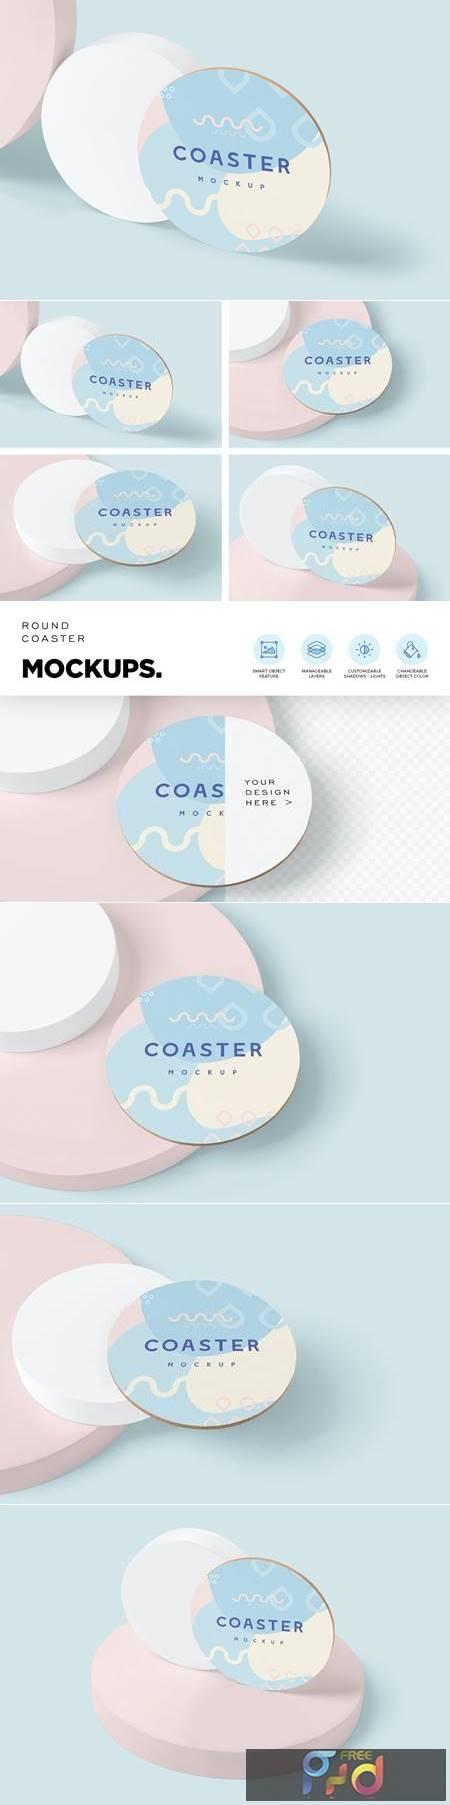 Round Coaster Mock-Ups 52YK229 1